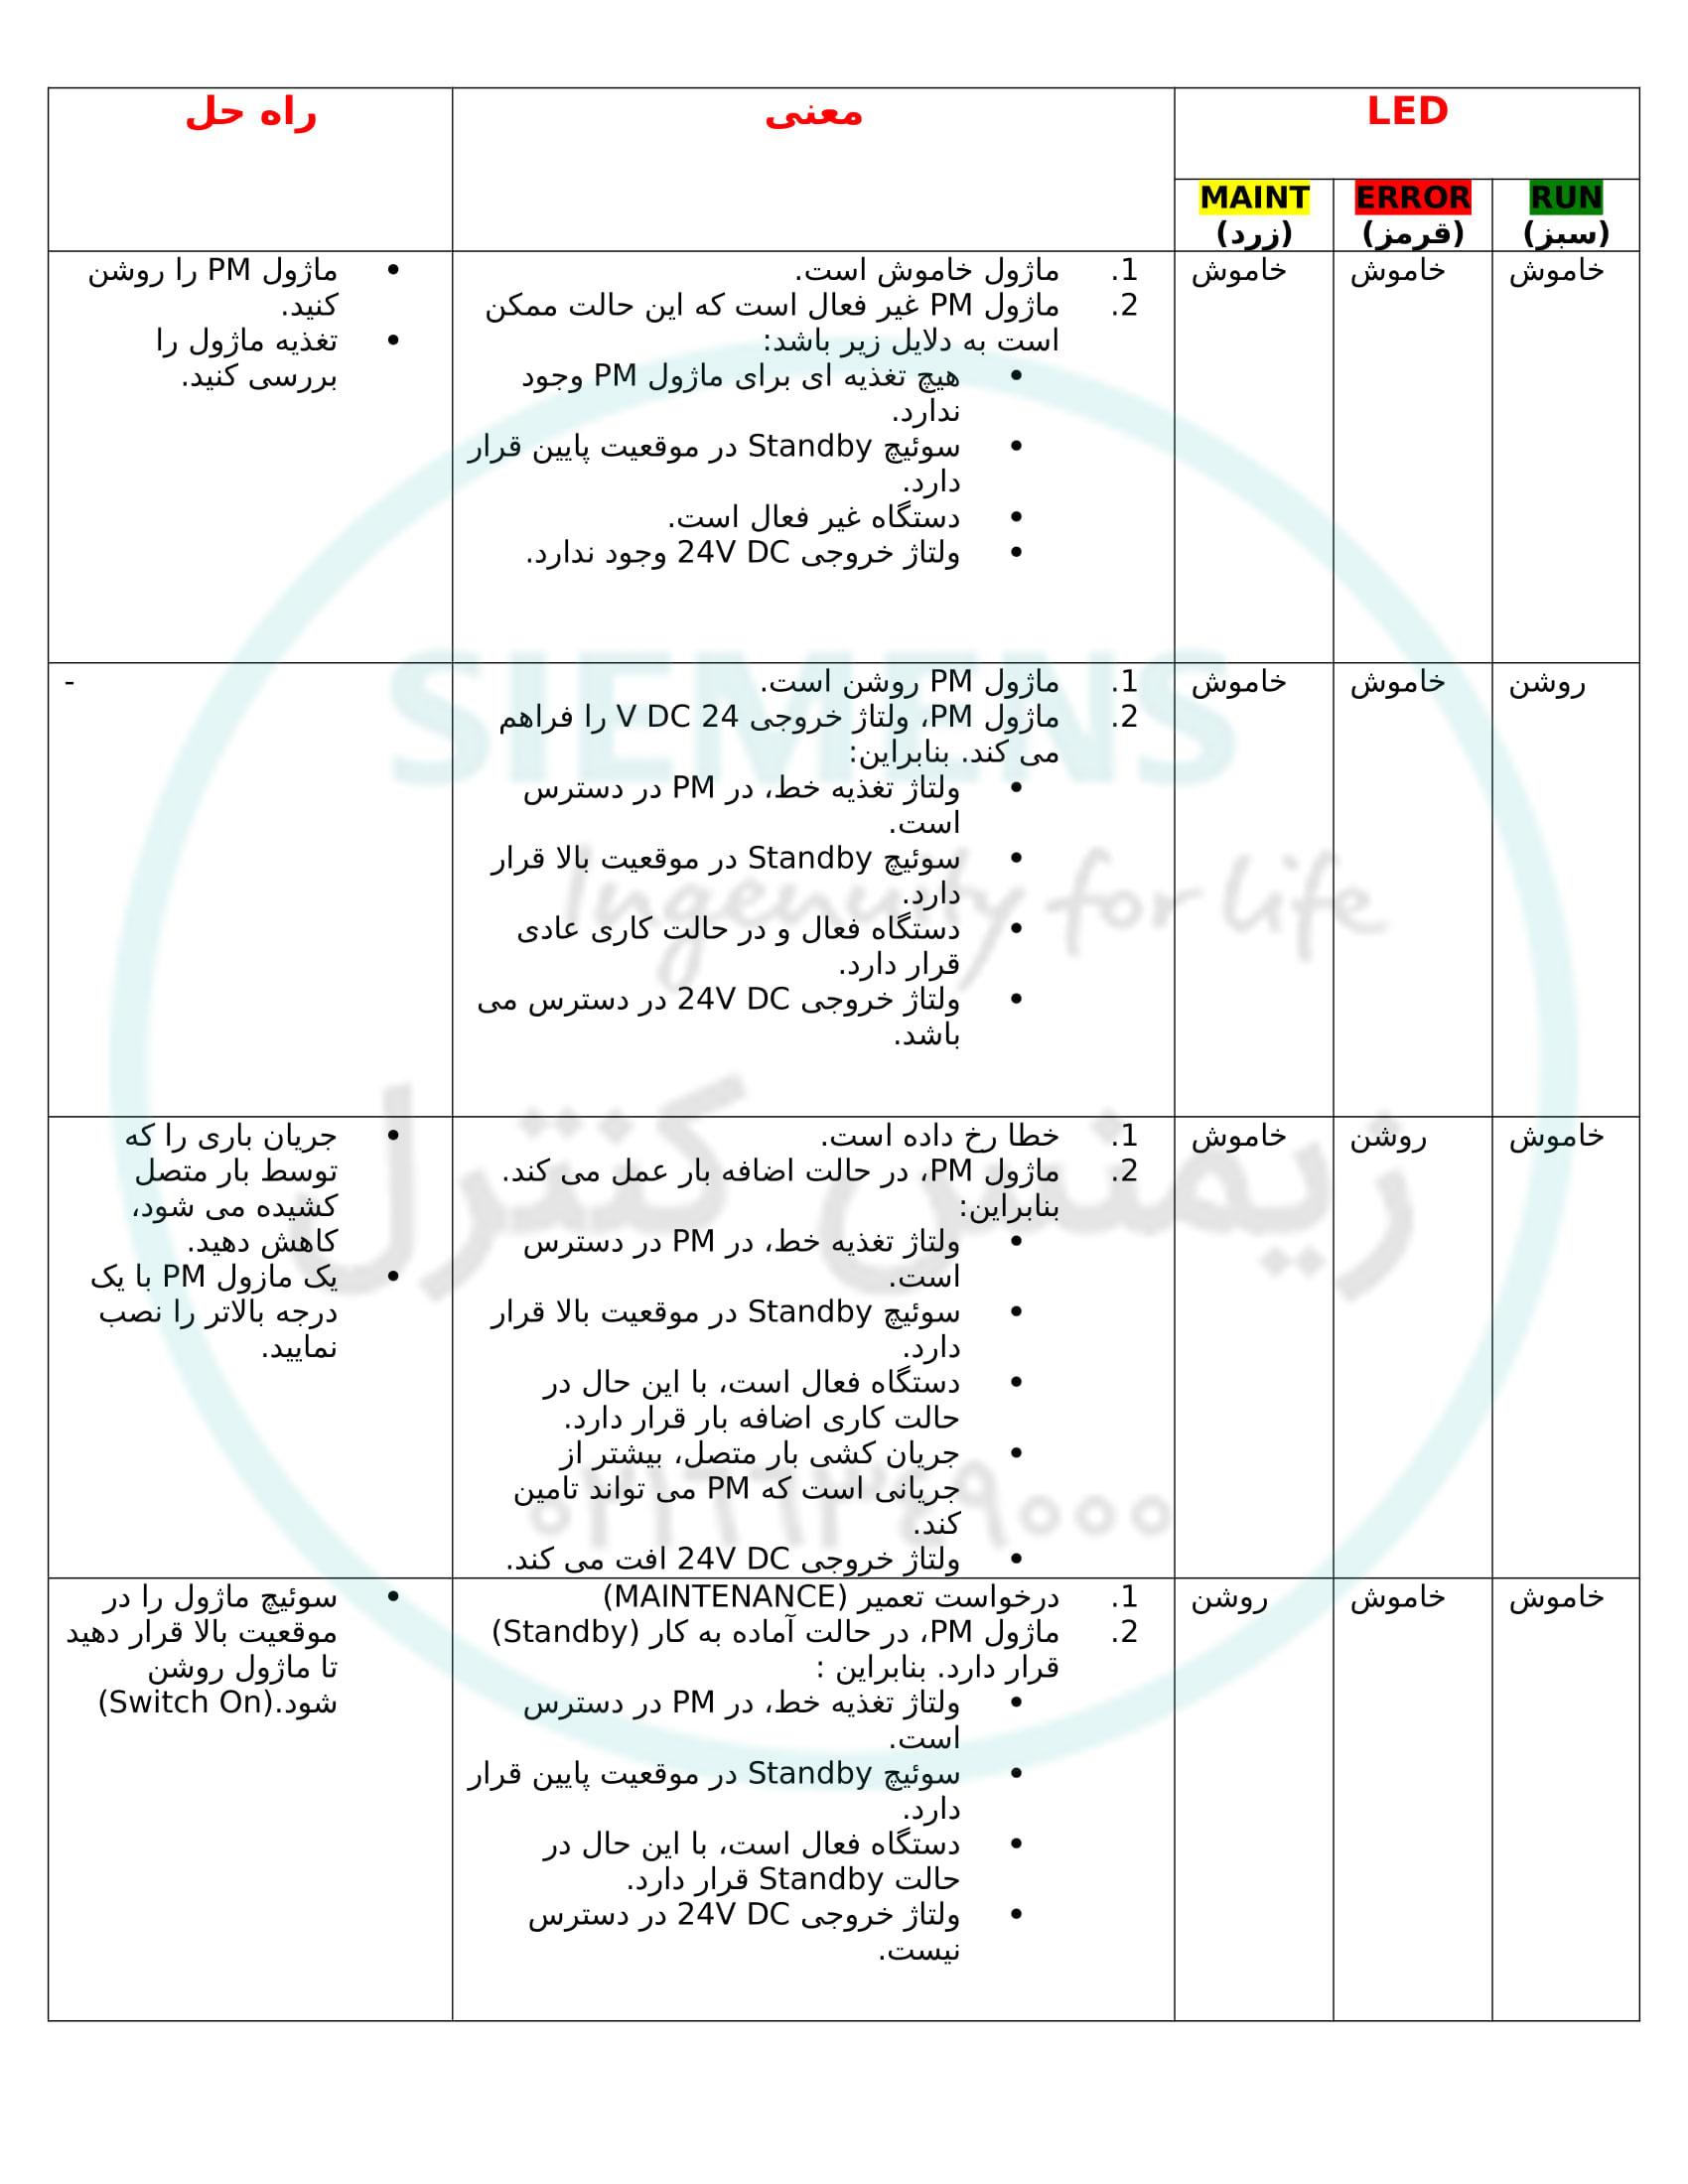 نمایندگی زیمنس - آموزش پی ال سی S7-1500 - خطایابی ماژول PM